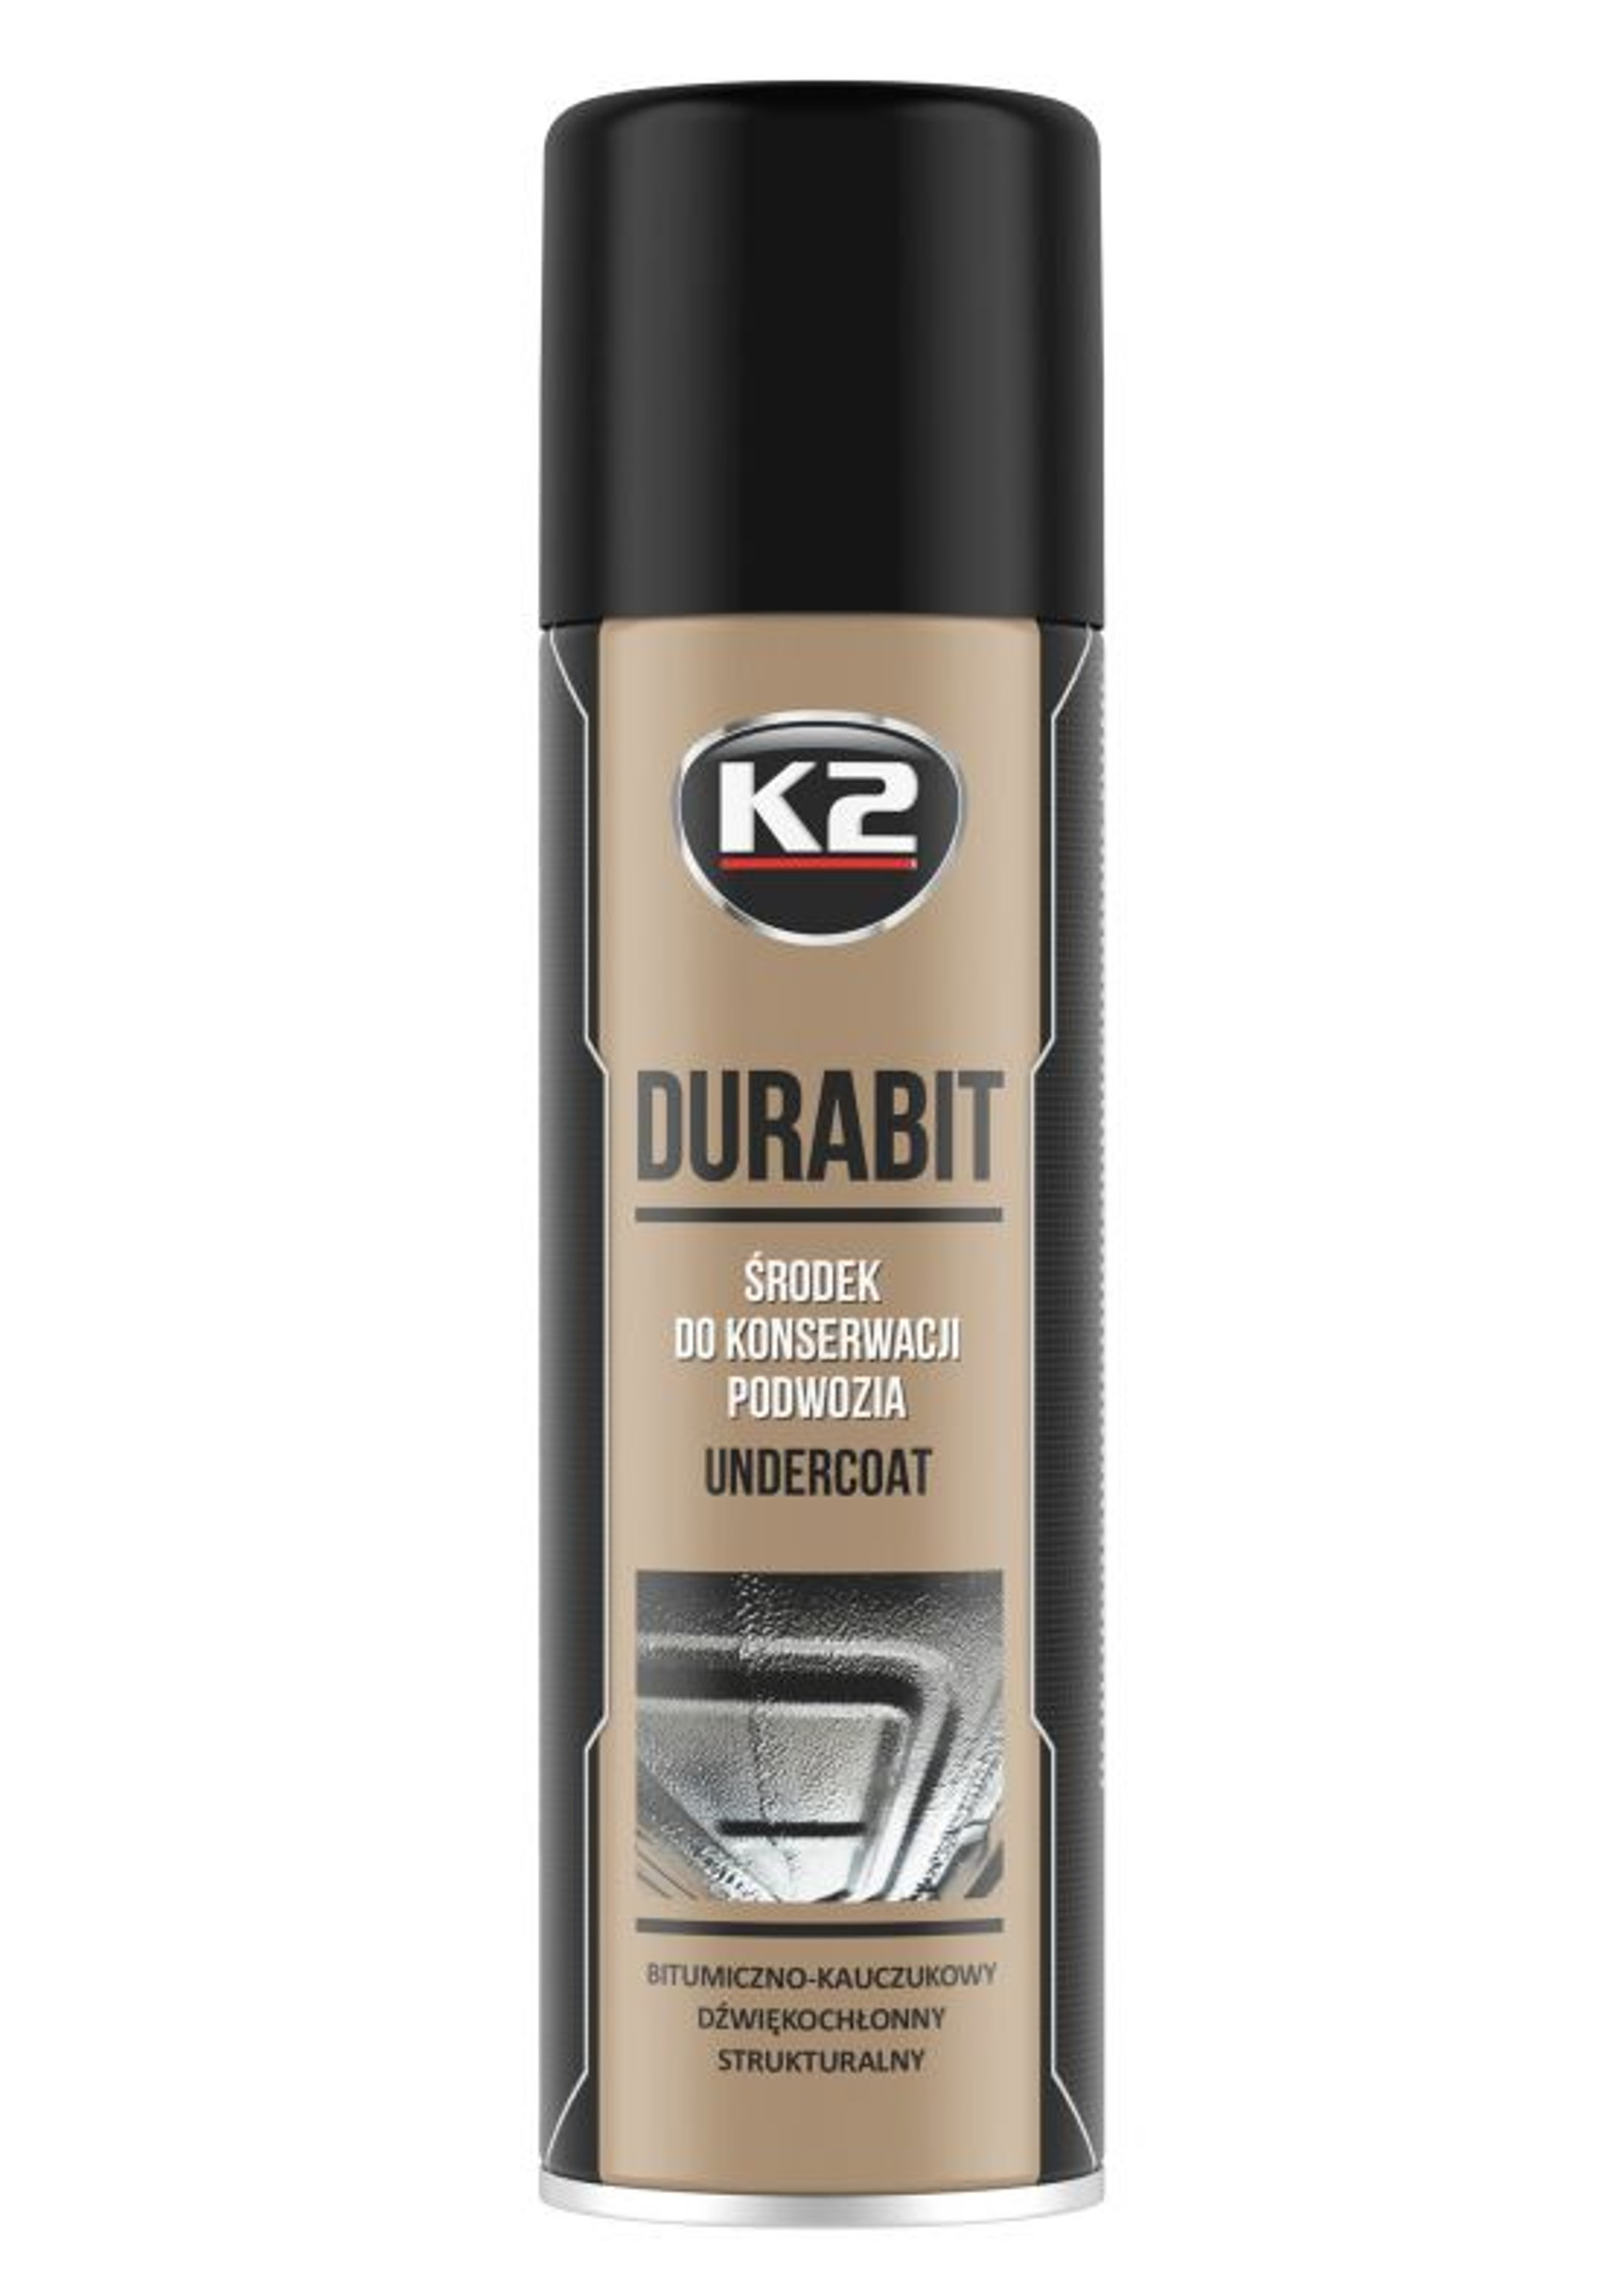 K2 Durabit 500ml Bitumiczny Środek do Konserwacji Podwozia w Sprayu